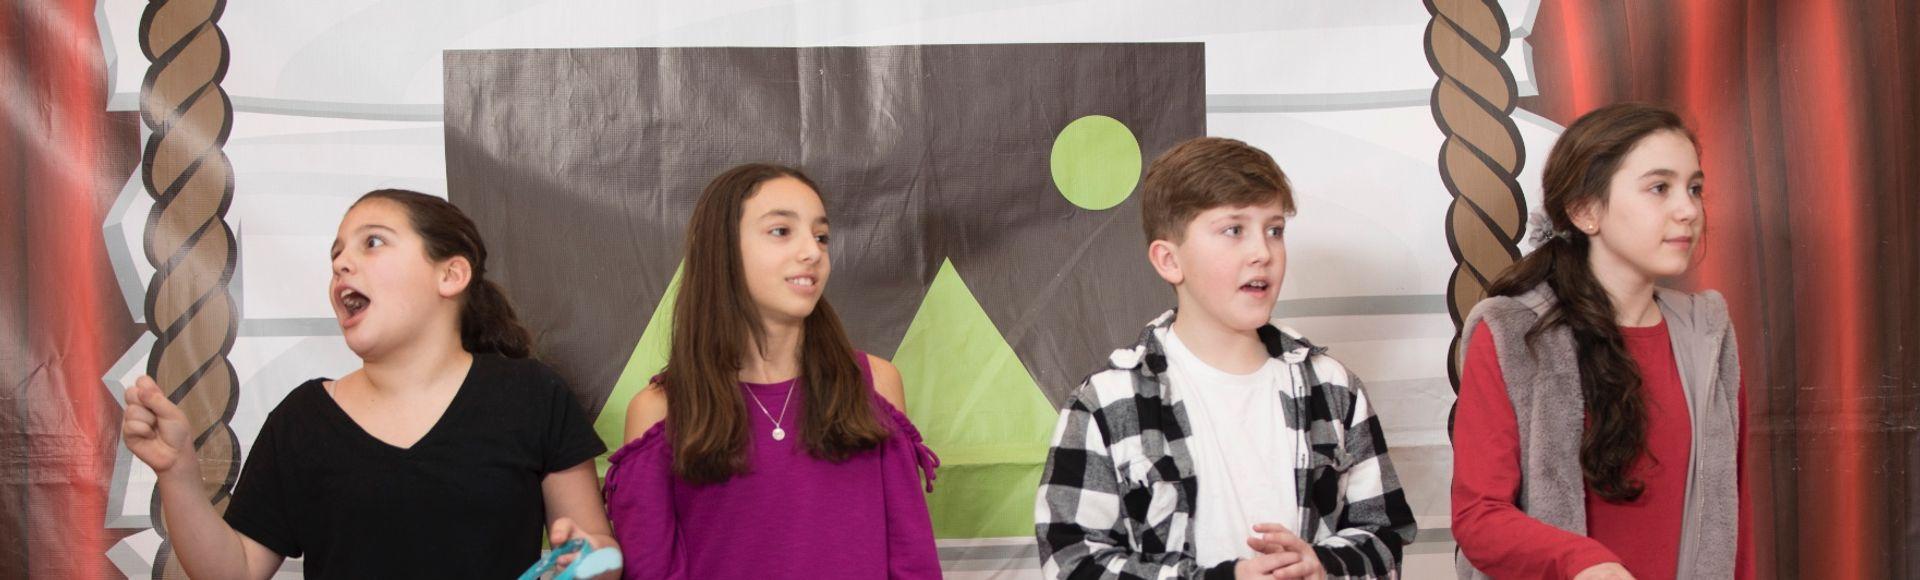 Kids standing behind buzzers